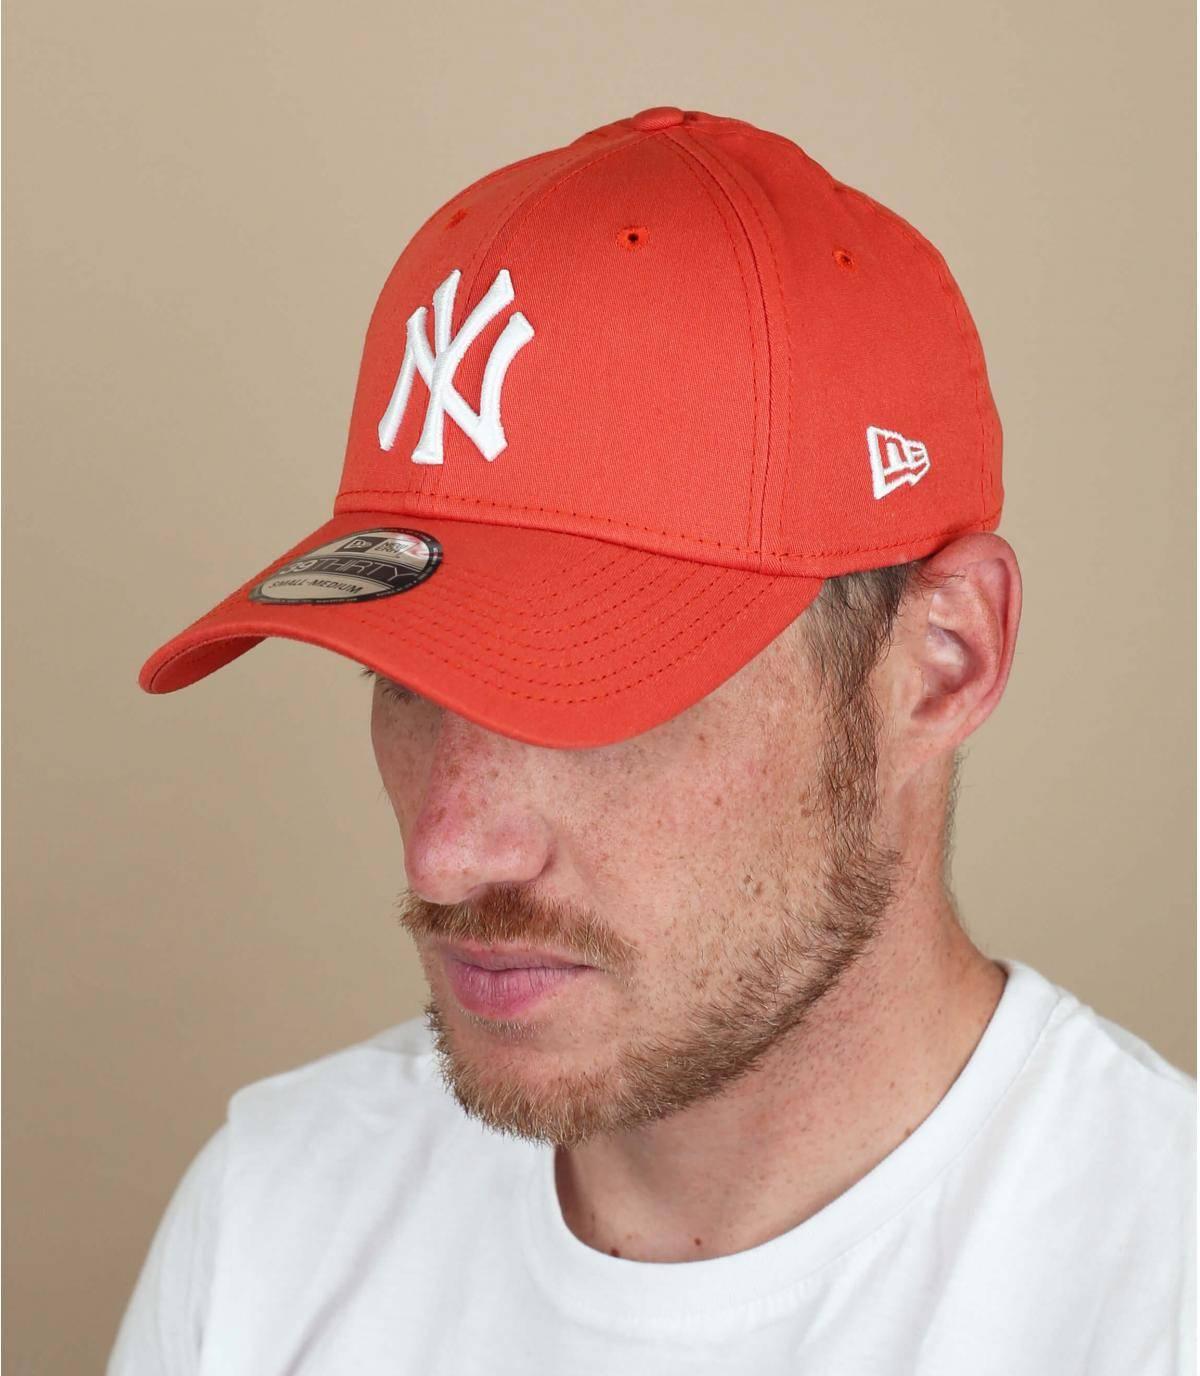 cappellino NY rosso